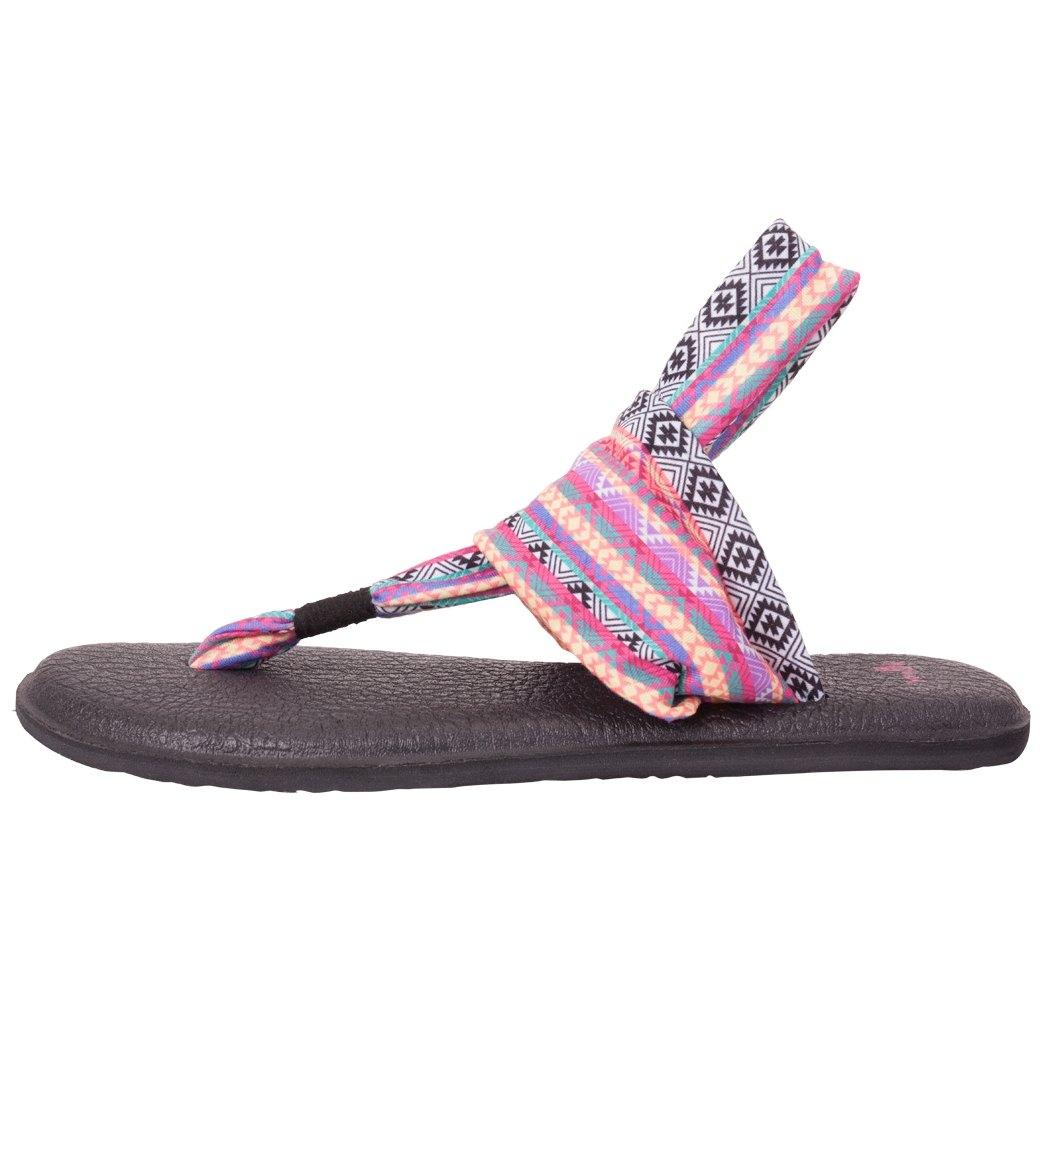 341614cfba474d Sanuk Yoga Sling 2 Prints Sandal at SwimOutlet.com